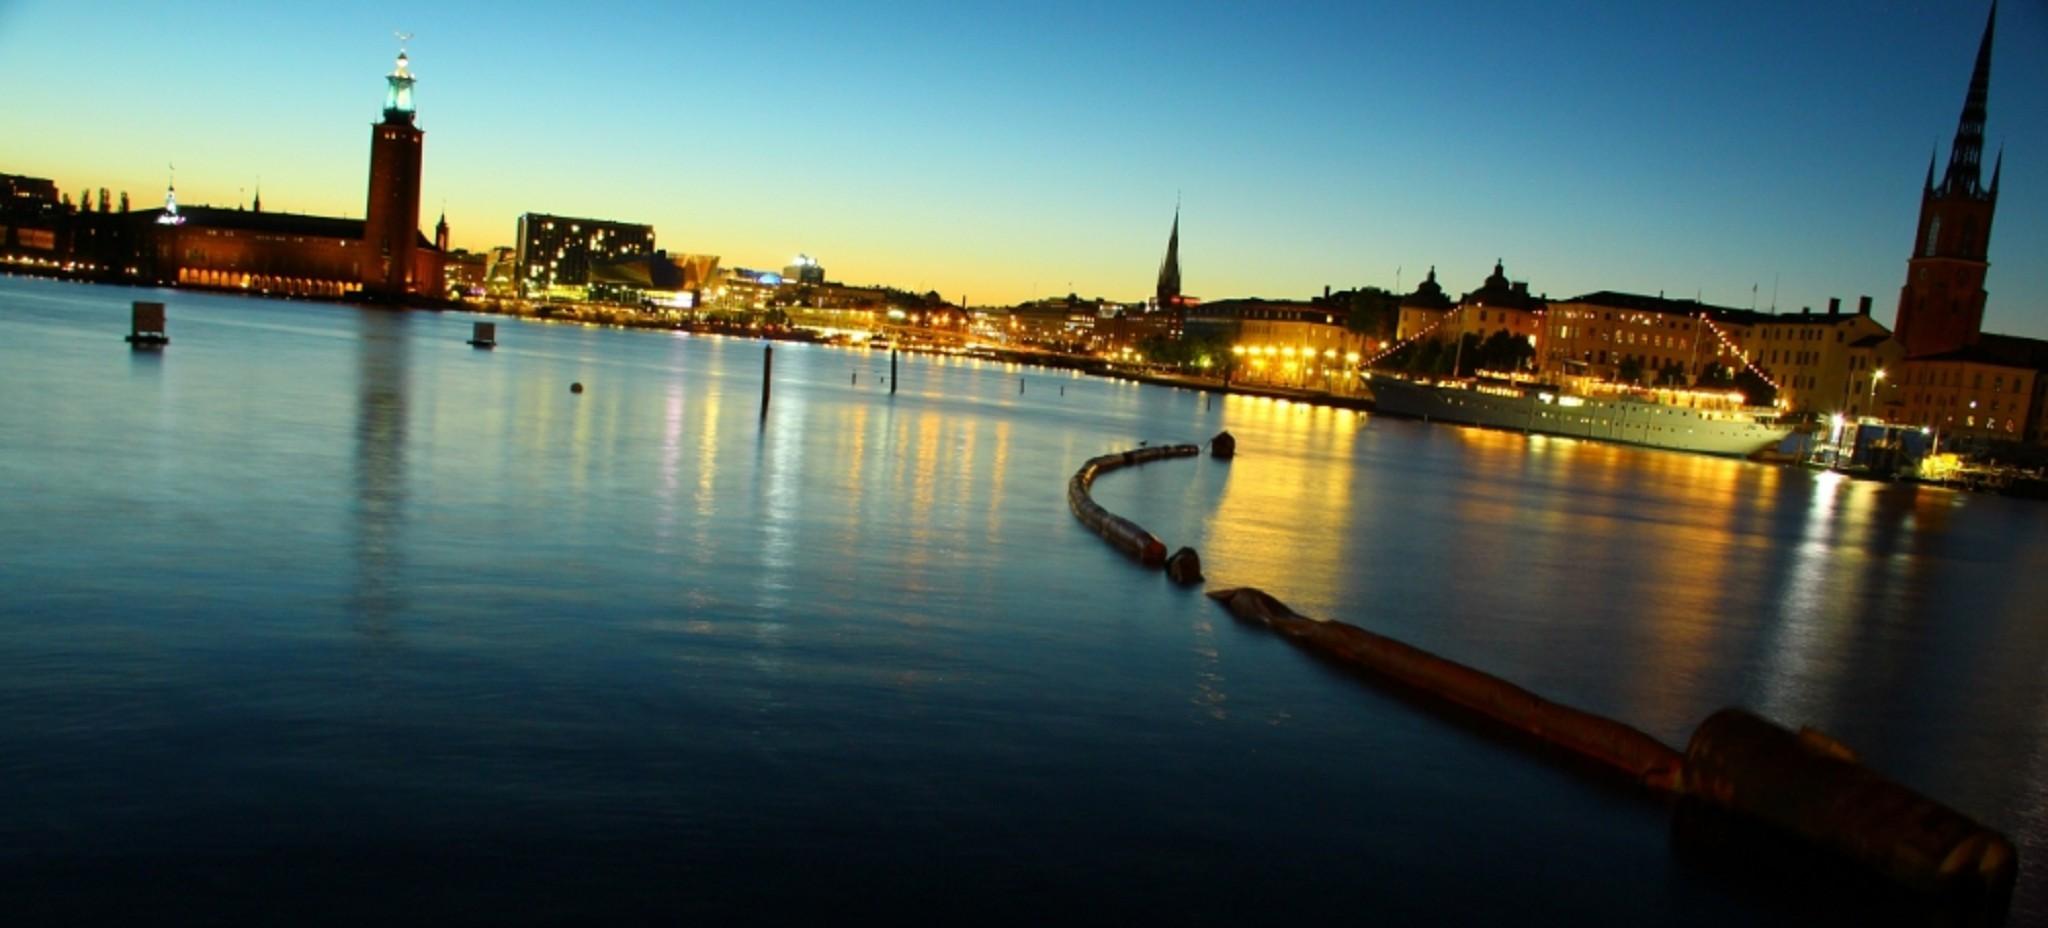 瑞典電子商務成長迅速,跨境電商微幅下跌